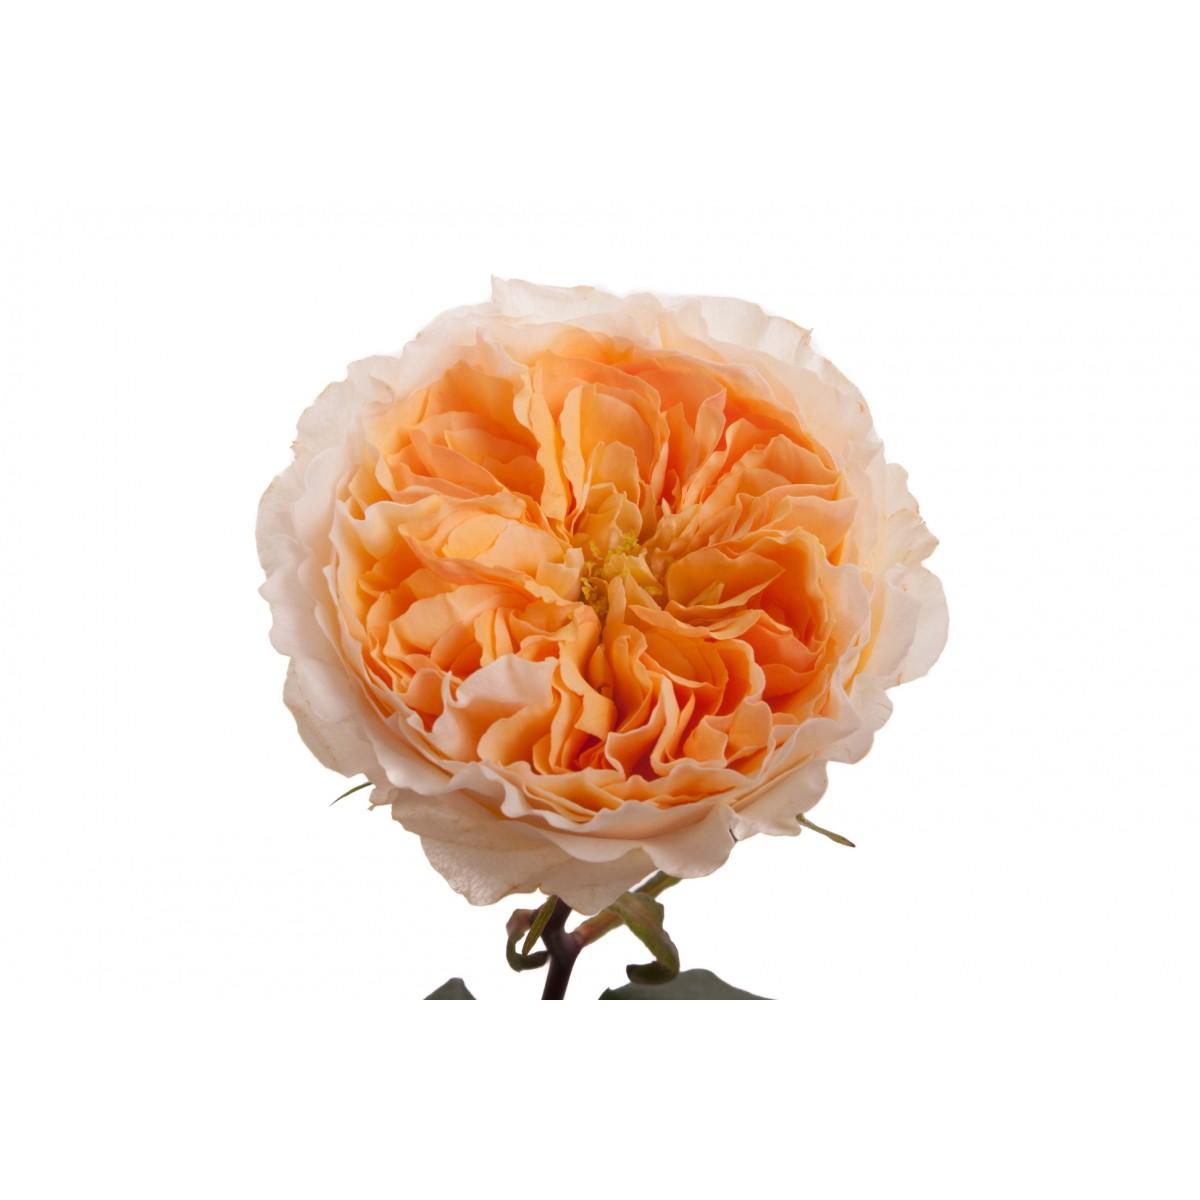 Roses In Garden: AusWest Petals